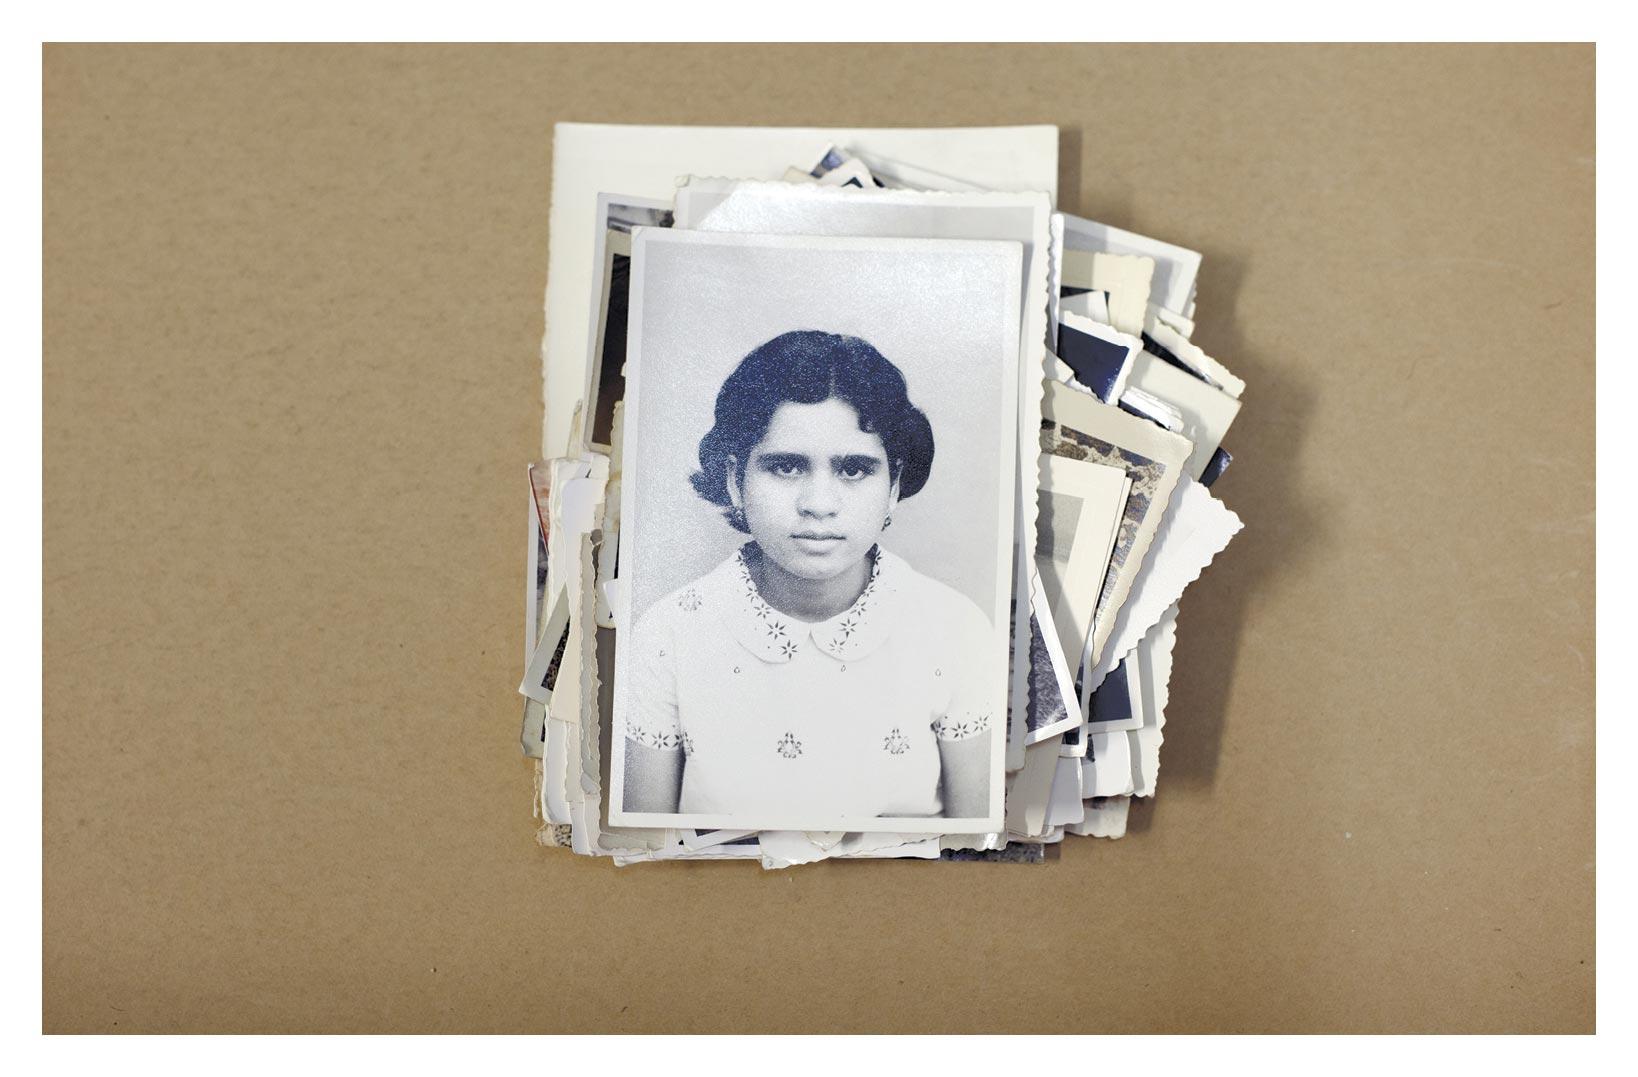 msdm-Found-Photo-Foundation-newspaper-4